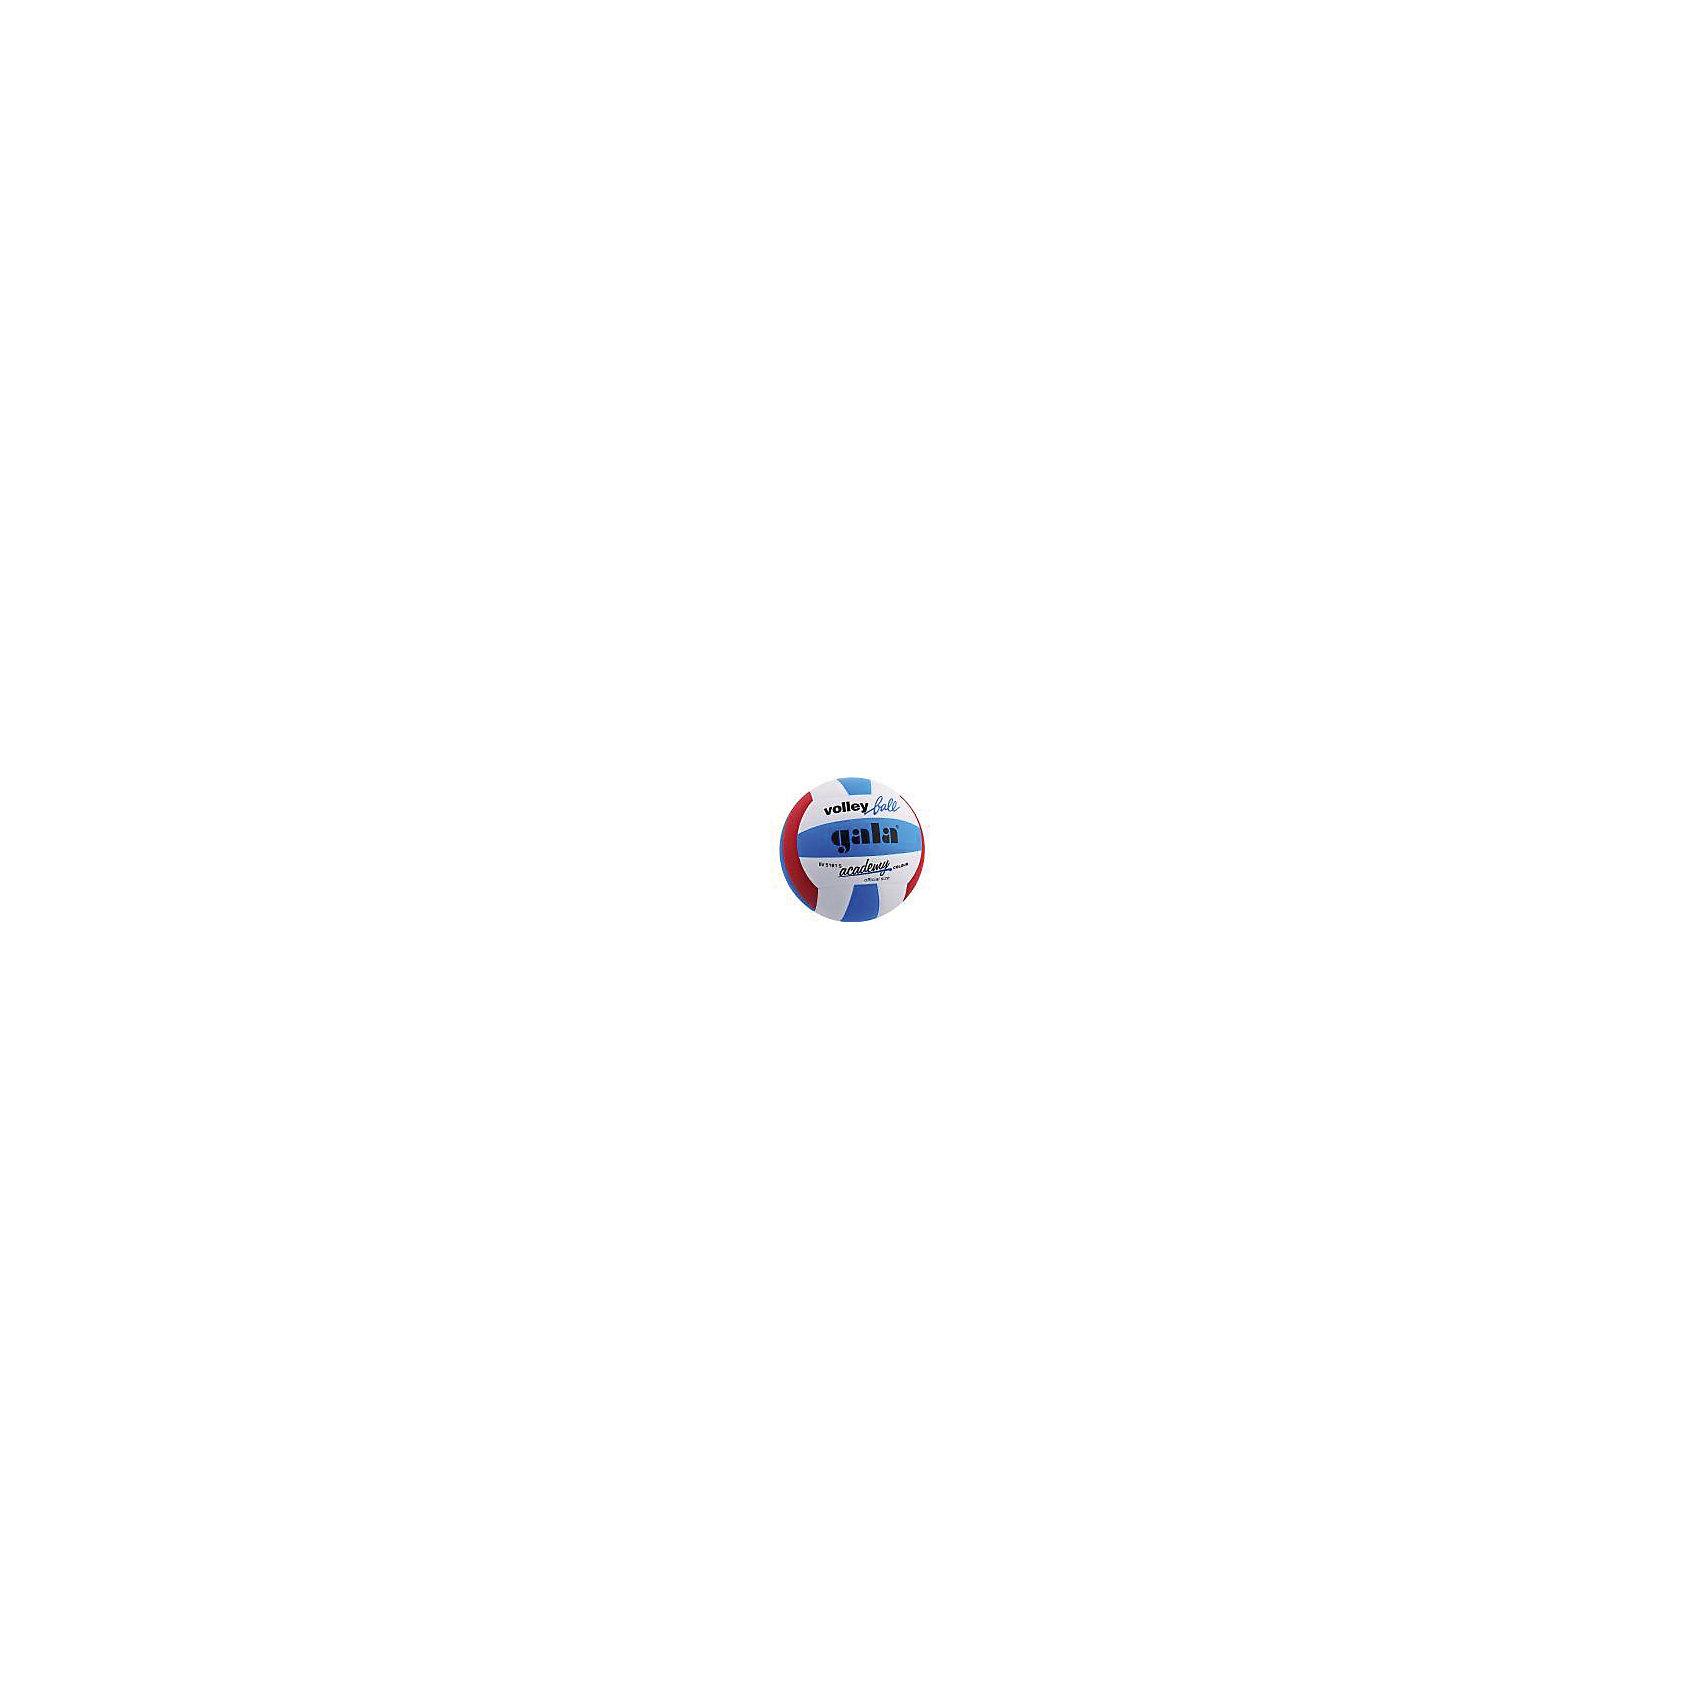 Волейбольный мяч Academy, р. 5, синт. кожа, GalaМячи детские<br>Основные характеристики<br><br>Вид: волейбольный<br>Уровень игры: тренировочный<br>Размер: 5<br>Количество панелей: 18<br>Вес: 252гр<br>Окружность: 65-67см<br>Тип соединения панелей: клеенные<br>Материал камеры: бутиловая<br>Материал обмотки камеры: нейлон<br>Материал покрышки: синтетическая кожа (полиуретан)<br>Цвет основной: синий<br>Цвет дополнительный: черный, красный, белый<br>Страна-производитель: Чешская Республика <br>Упаковка: пакет (поставляется в сдутом виде)<br><br>Волейбольный тренировочный мяч из мягкой синтетической кожи (полиуретан Cordley), обычно используемой для мячей матчевого уровня!<br>Рекомендуется для спортивных секций, школ, любительских команд, а также для использования в общеобразовательных учреждениях и игры на отдыхе.<br><br>Ширина мм: 213<br>Глубина мм: 213<br>Высота мм: 75<br>Вес г: 252<br>Возраст от месяцев: 36<br>Возраст до месяцев: 192<br>Пол: Унисекс<br>Возраст: Детский<br>SKU: 5056634